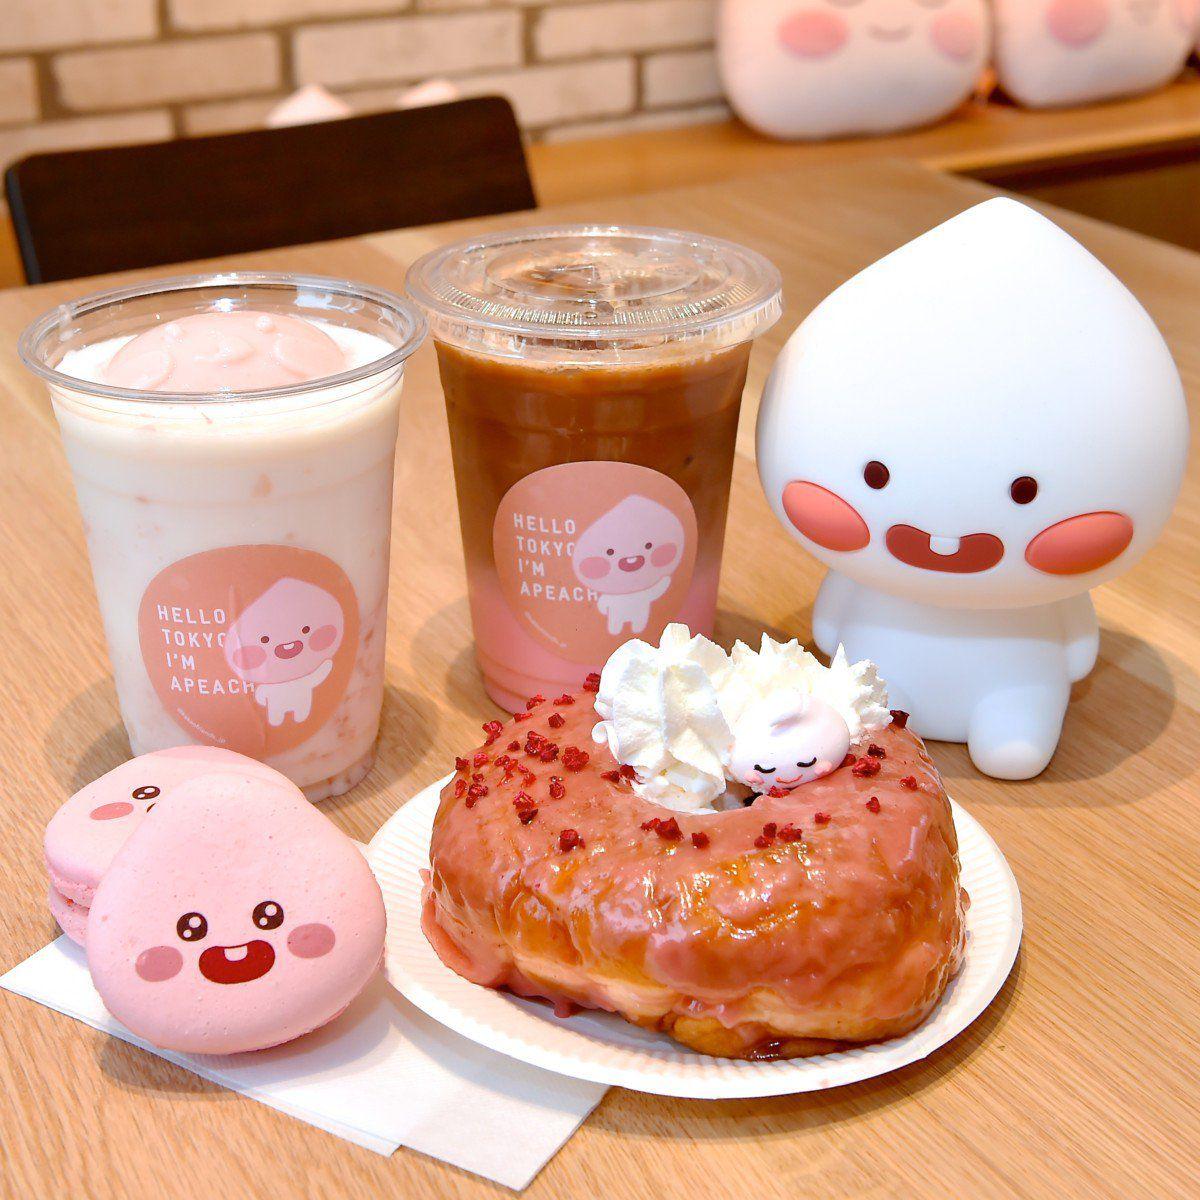 Apeach Café คาเฟ่สีชมพูแสนละมุนที่ไม่ควรพลาดในโตเกียว